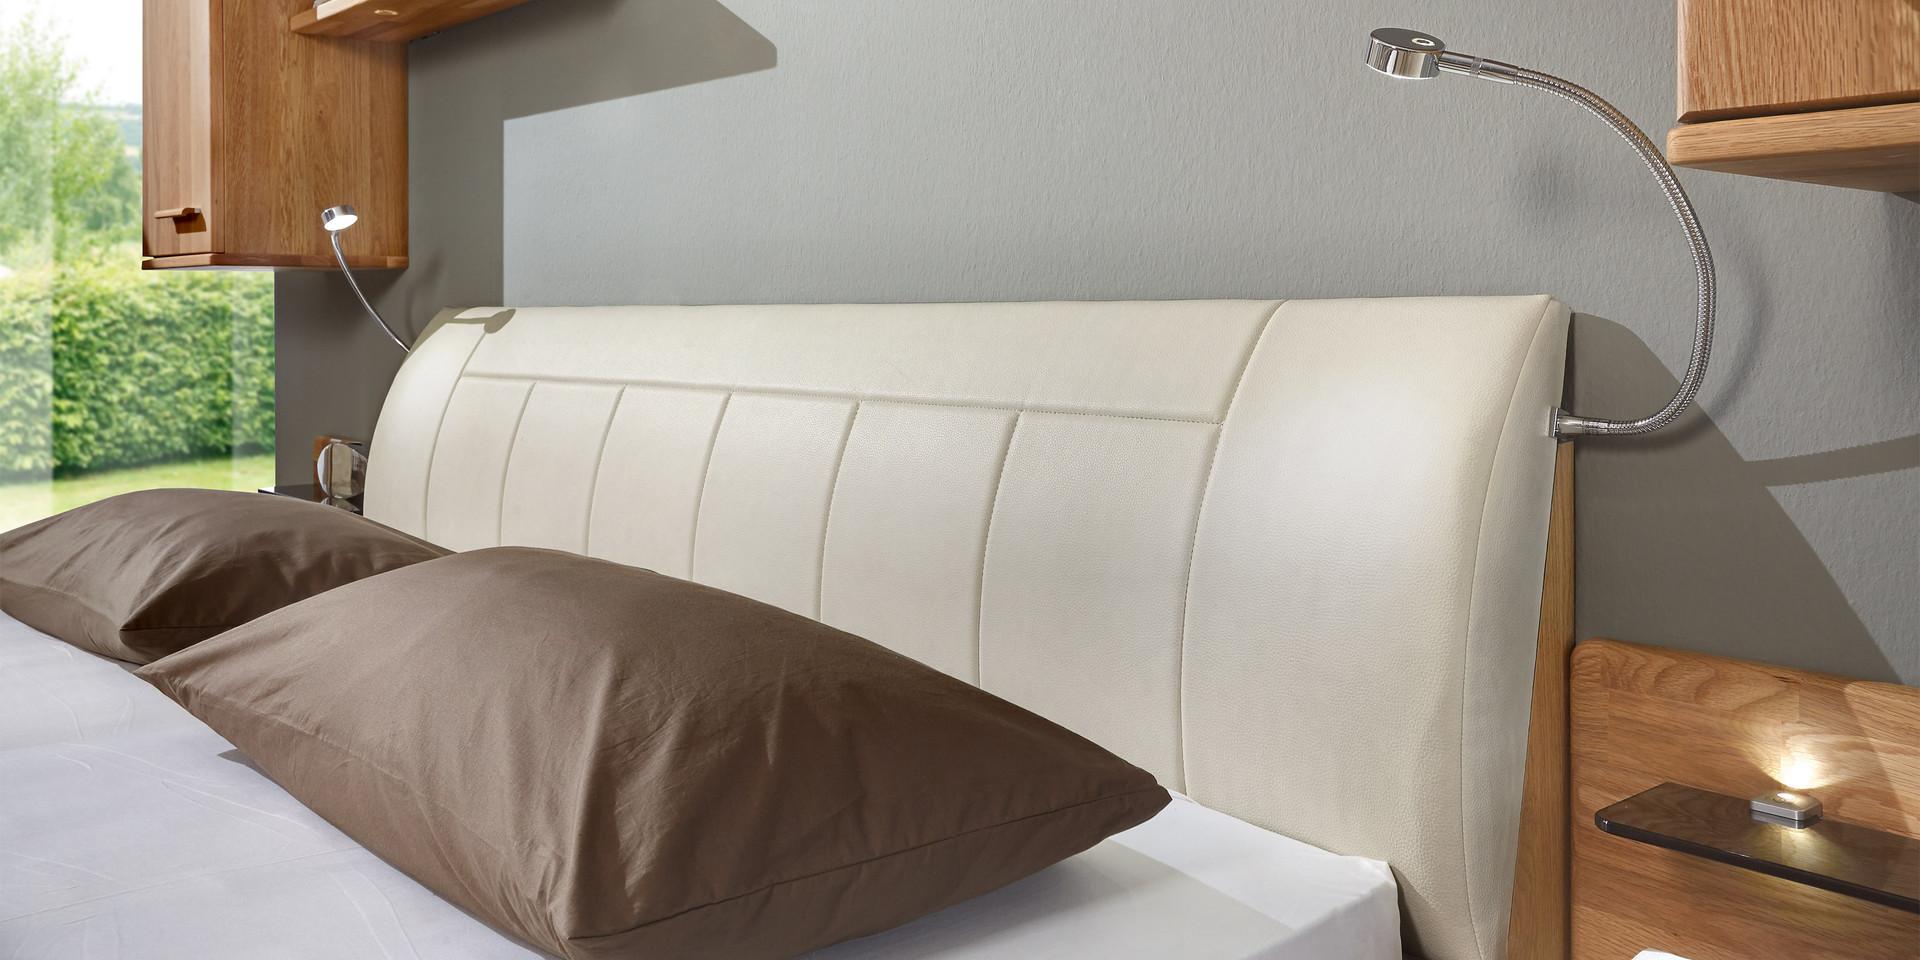 Entdecken Sie Hier Das Programm Toledo | Möbelhersteller Wiemann,  Wohnzimmer Design